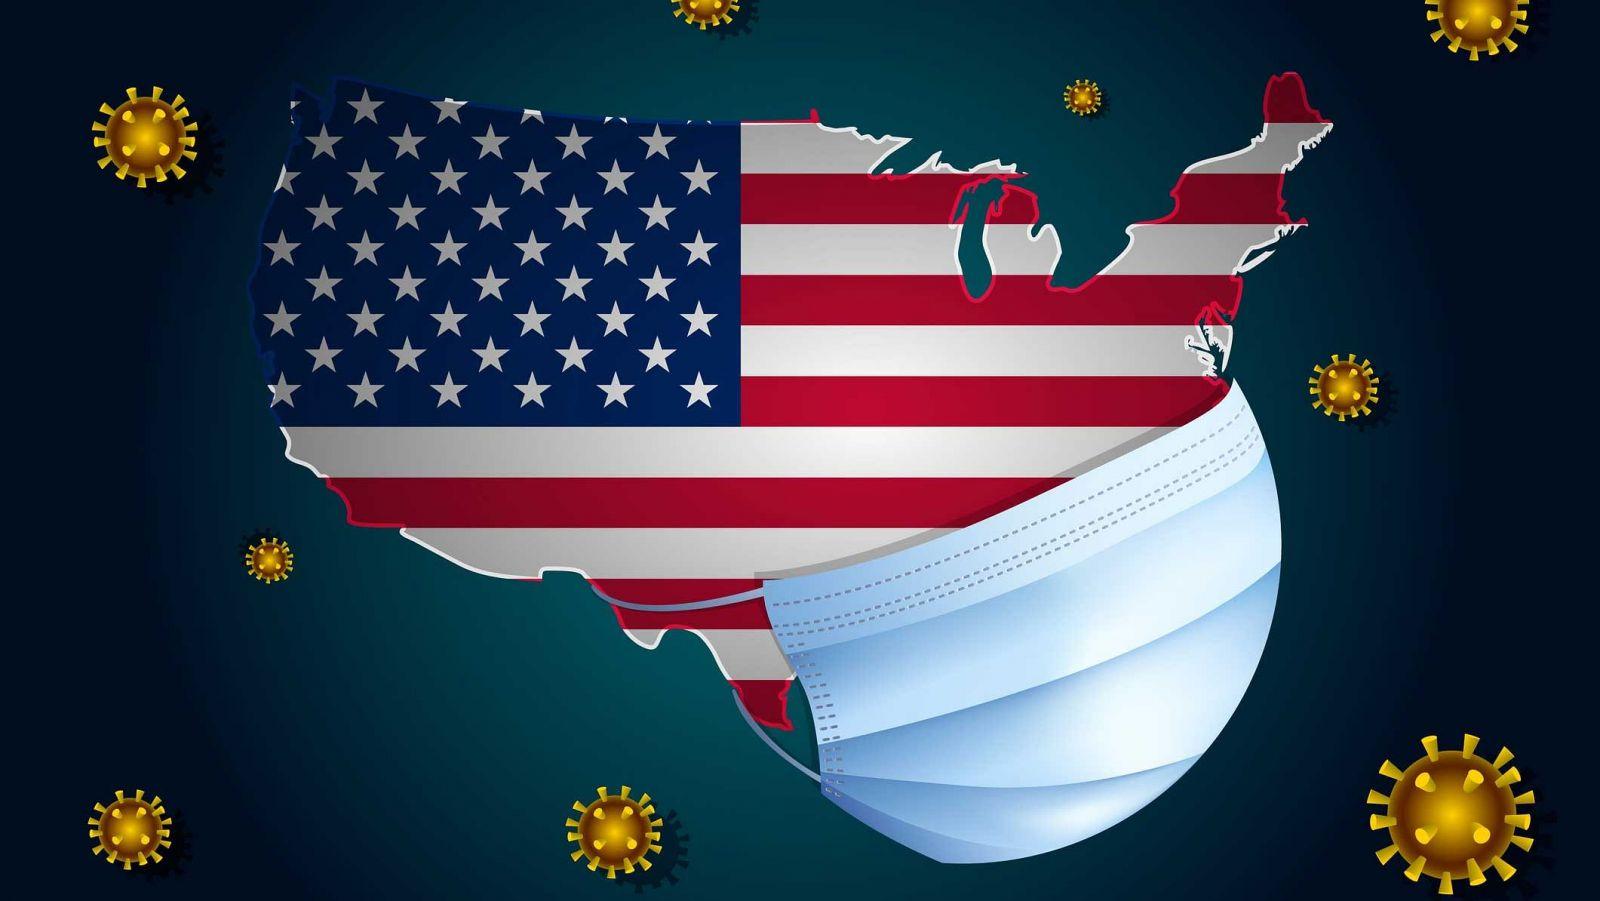 سربرآوردن آتش زیر خاکسترِ جنگِ تجاری آمریکا و چین/  آیا زمان محقق شدن رویای چینی فرا رسیده است؟